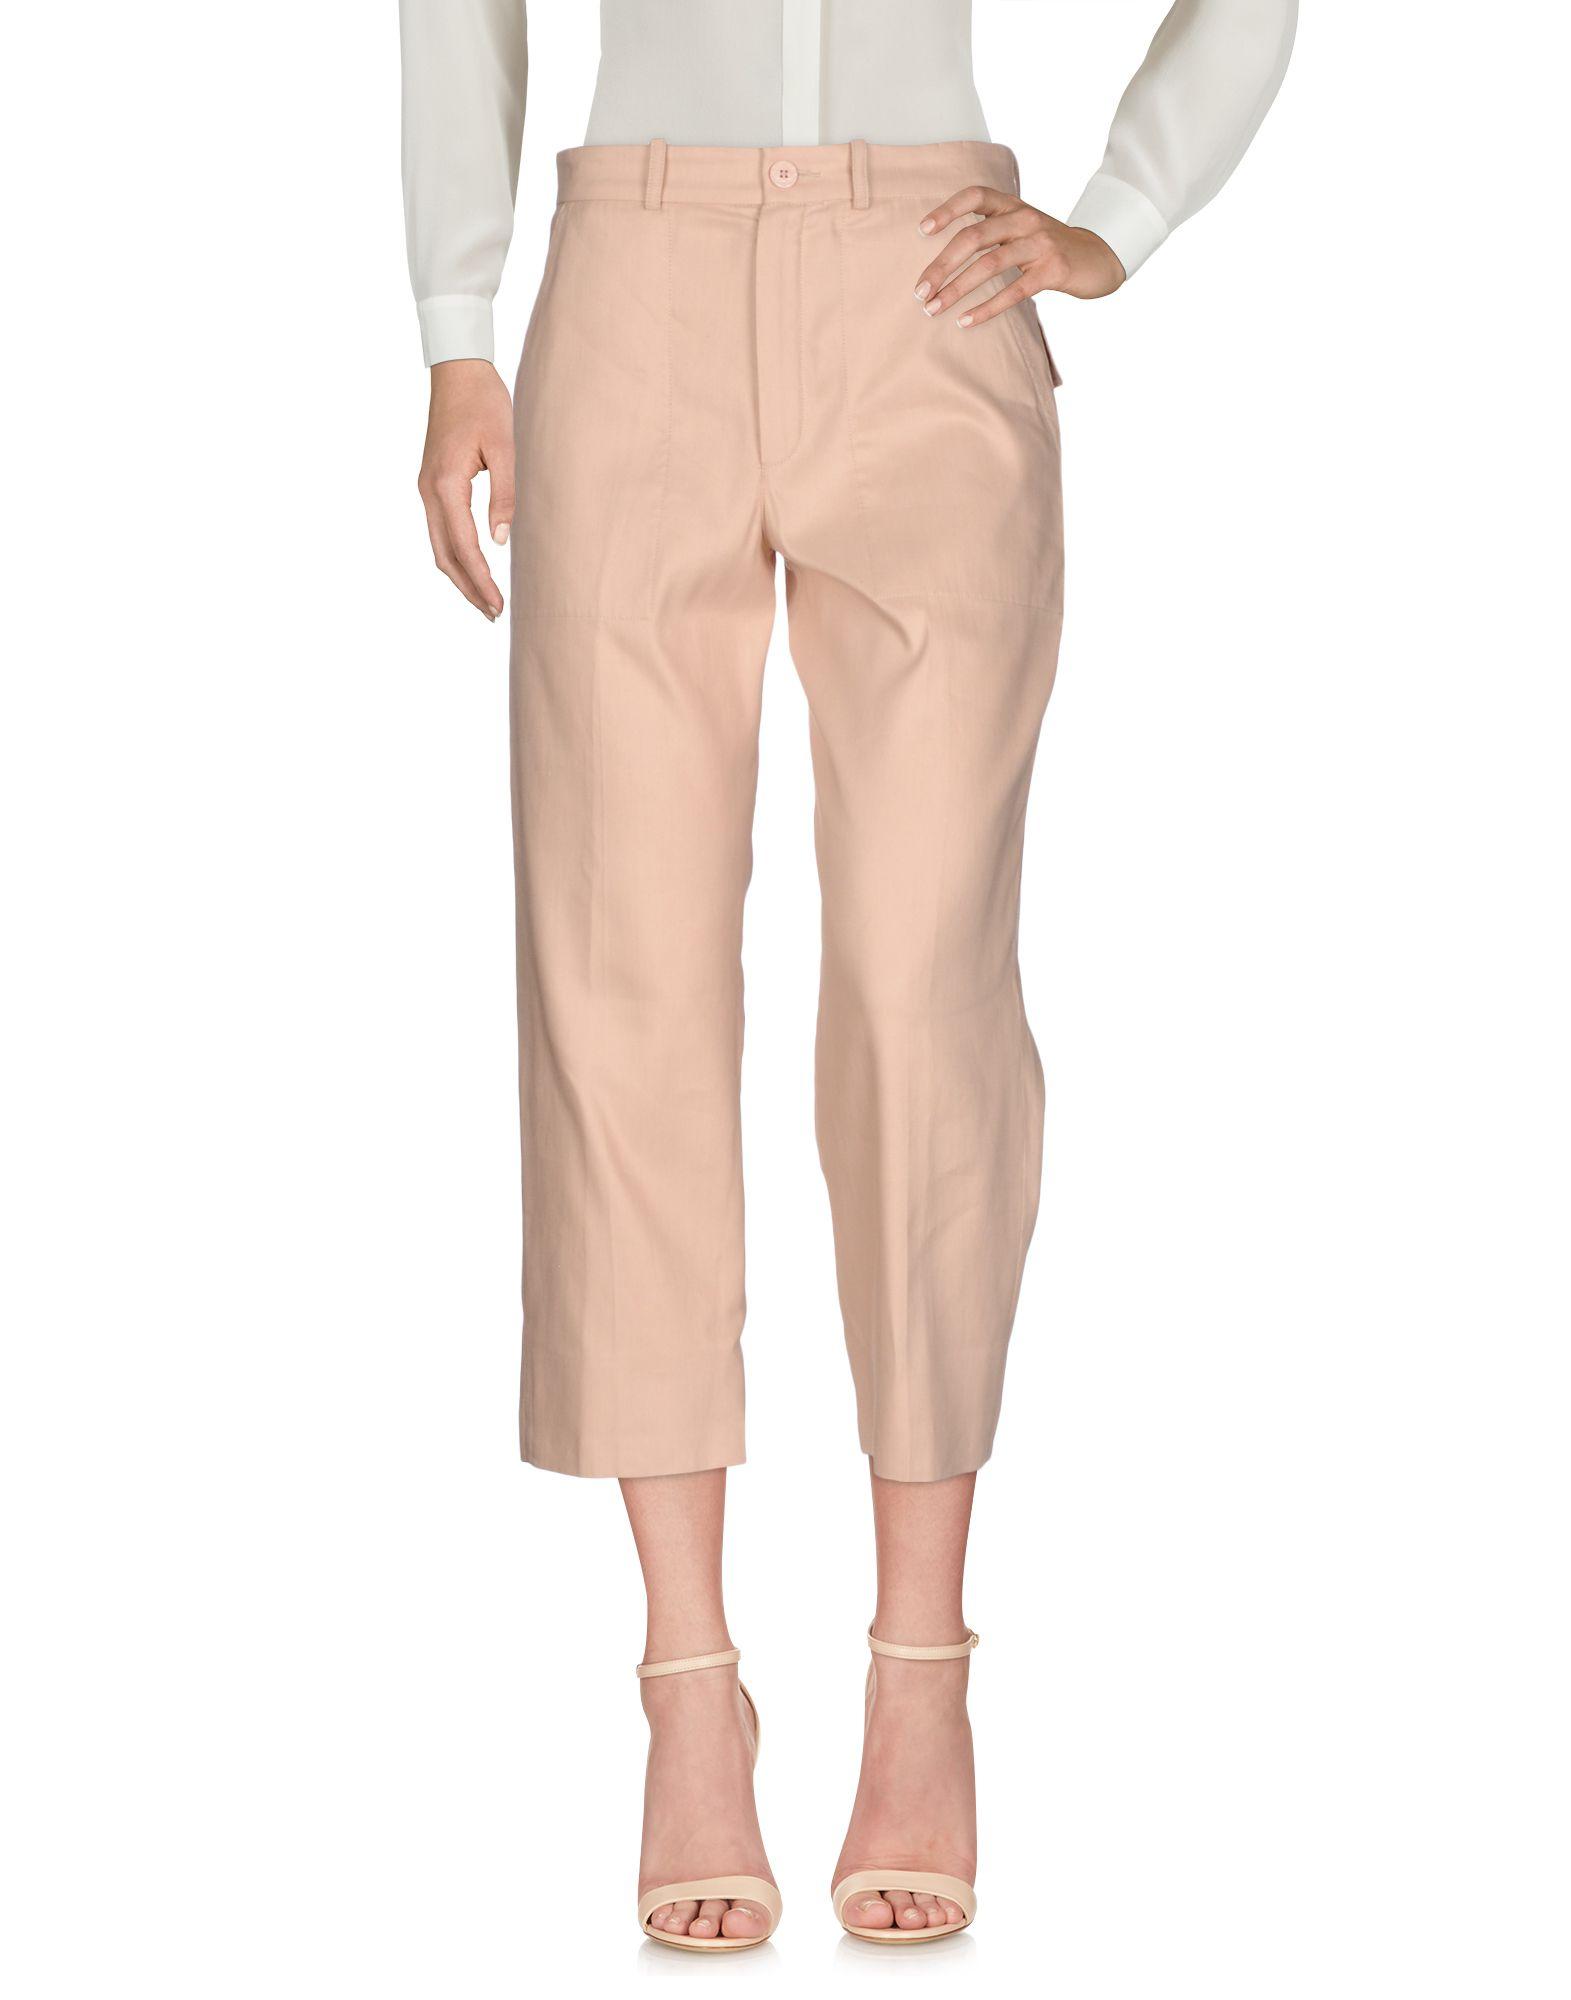 Pantalone Chloé damen - 13083923IM